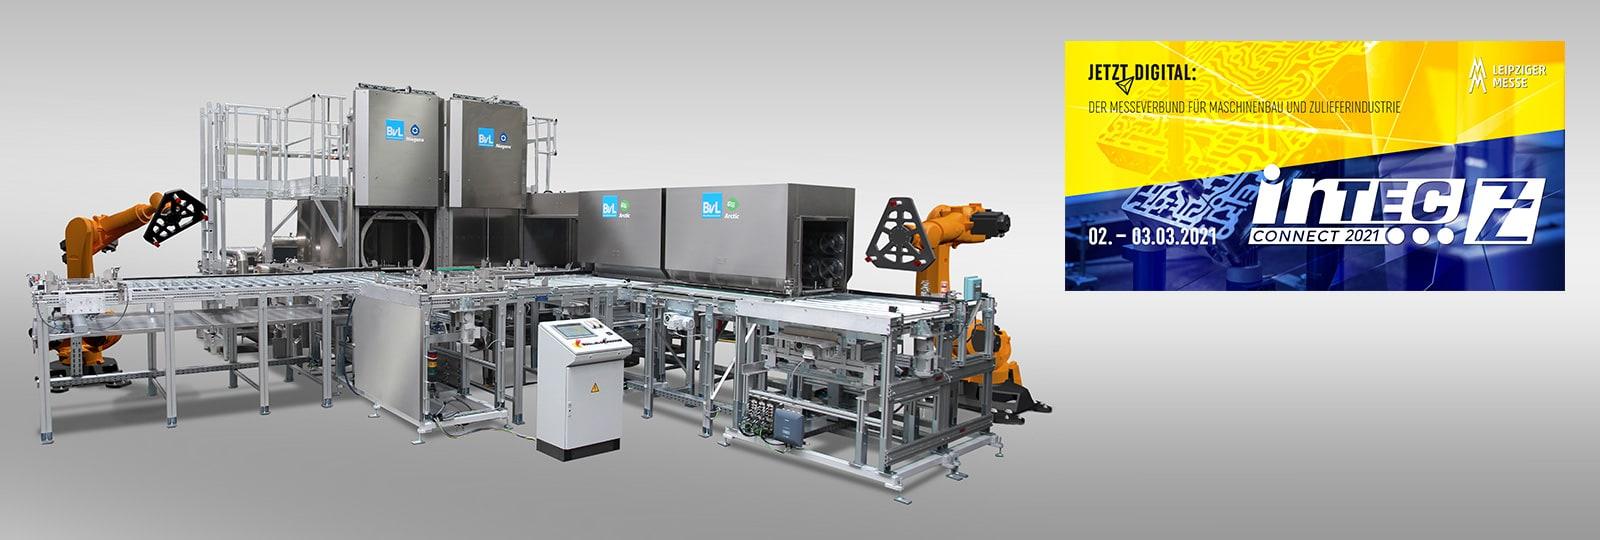 Digitale Intec: Kostenreduzierung durch automatisierte Reinigung